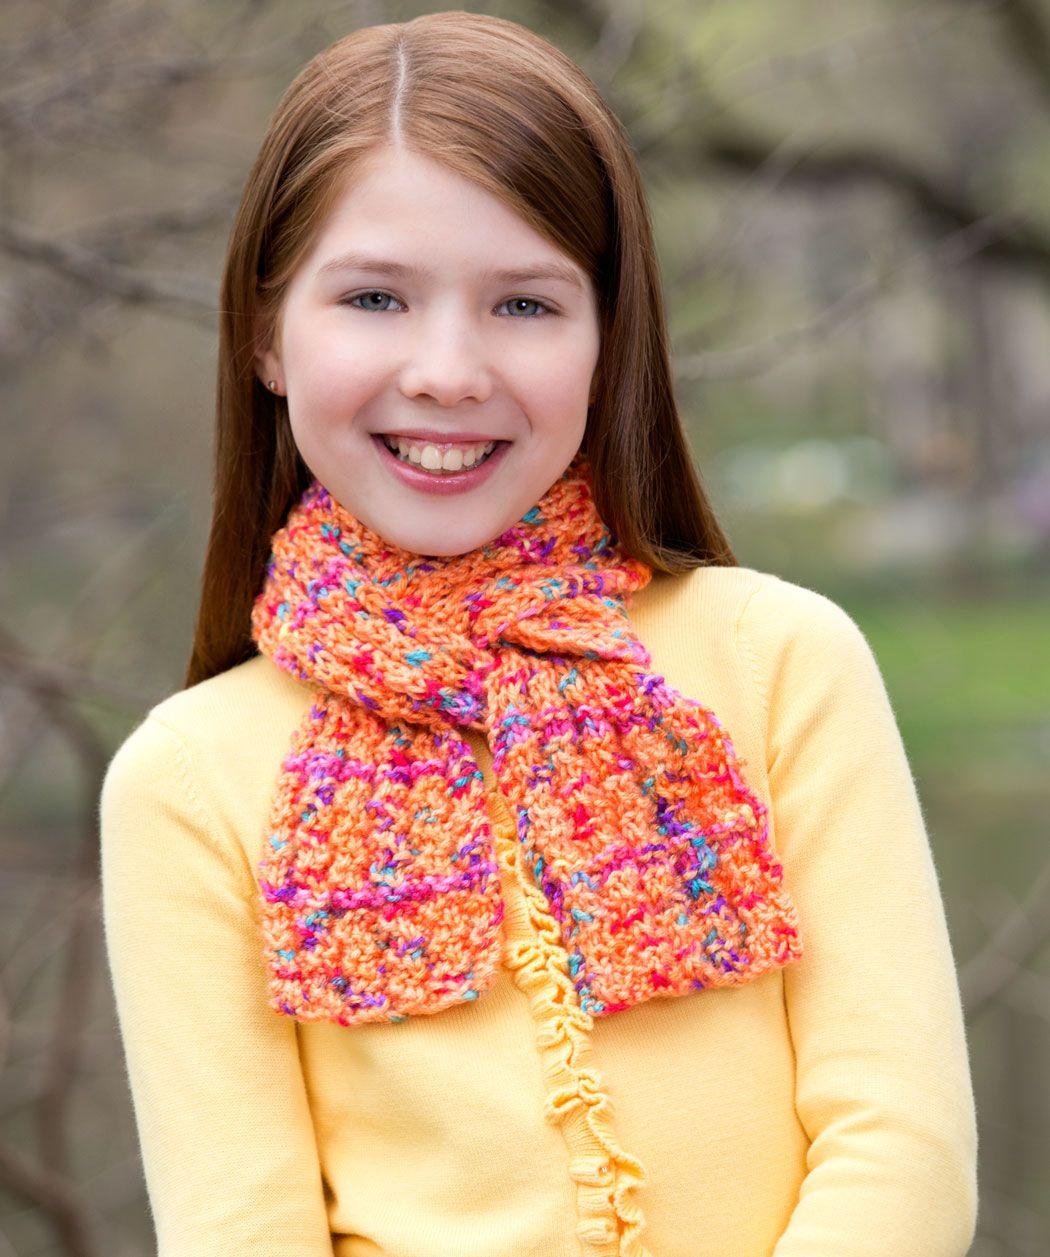 Funtastic Scarf Beginner Knit Scarf From Red Heart Yarn Gumdrop